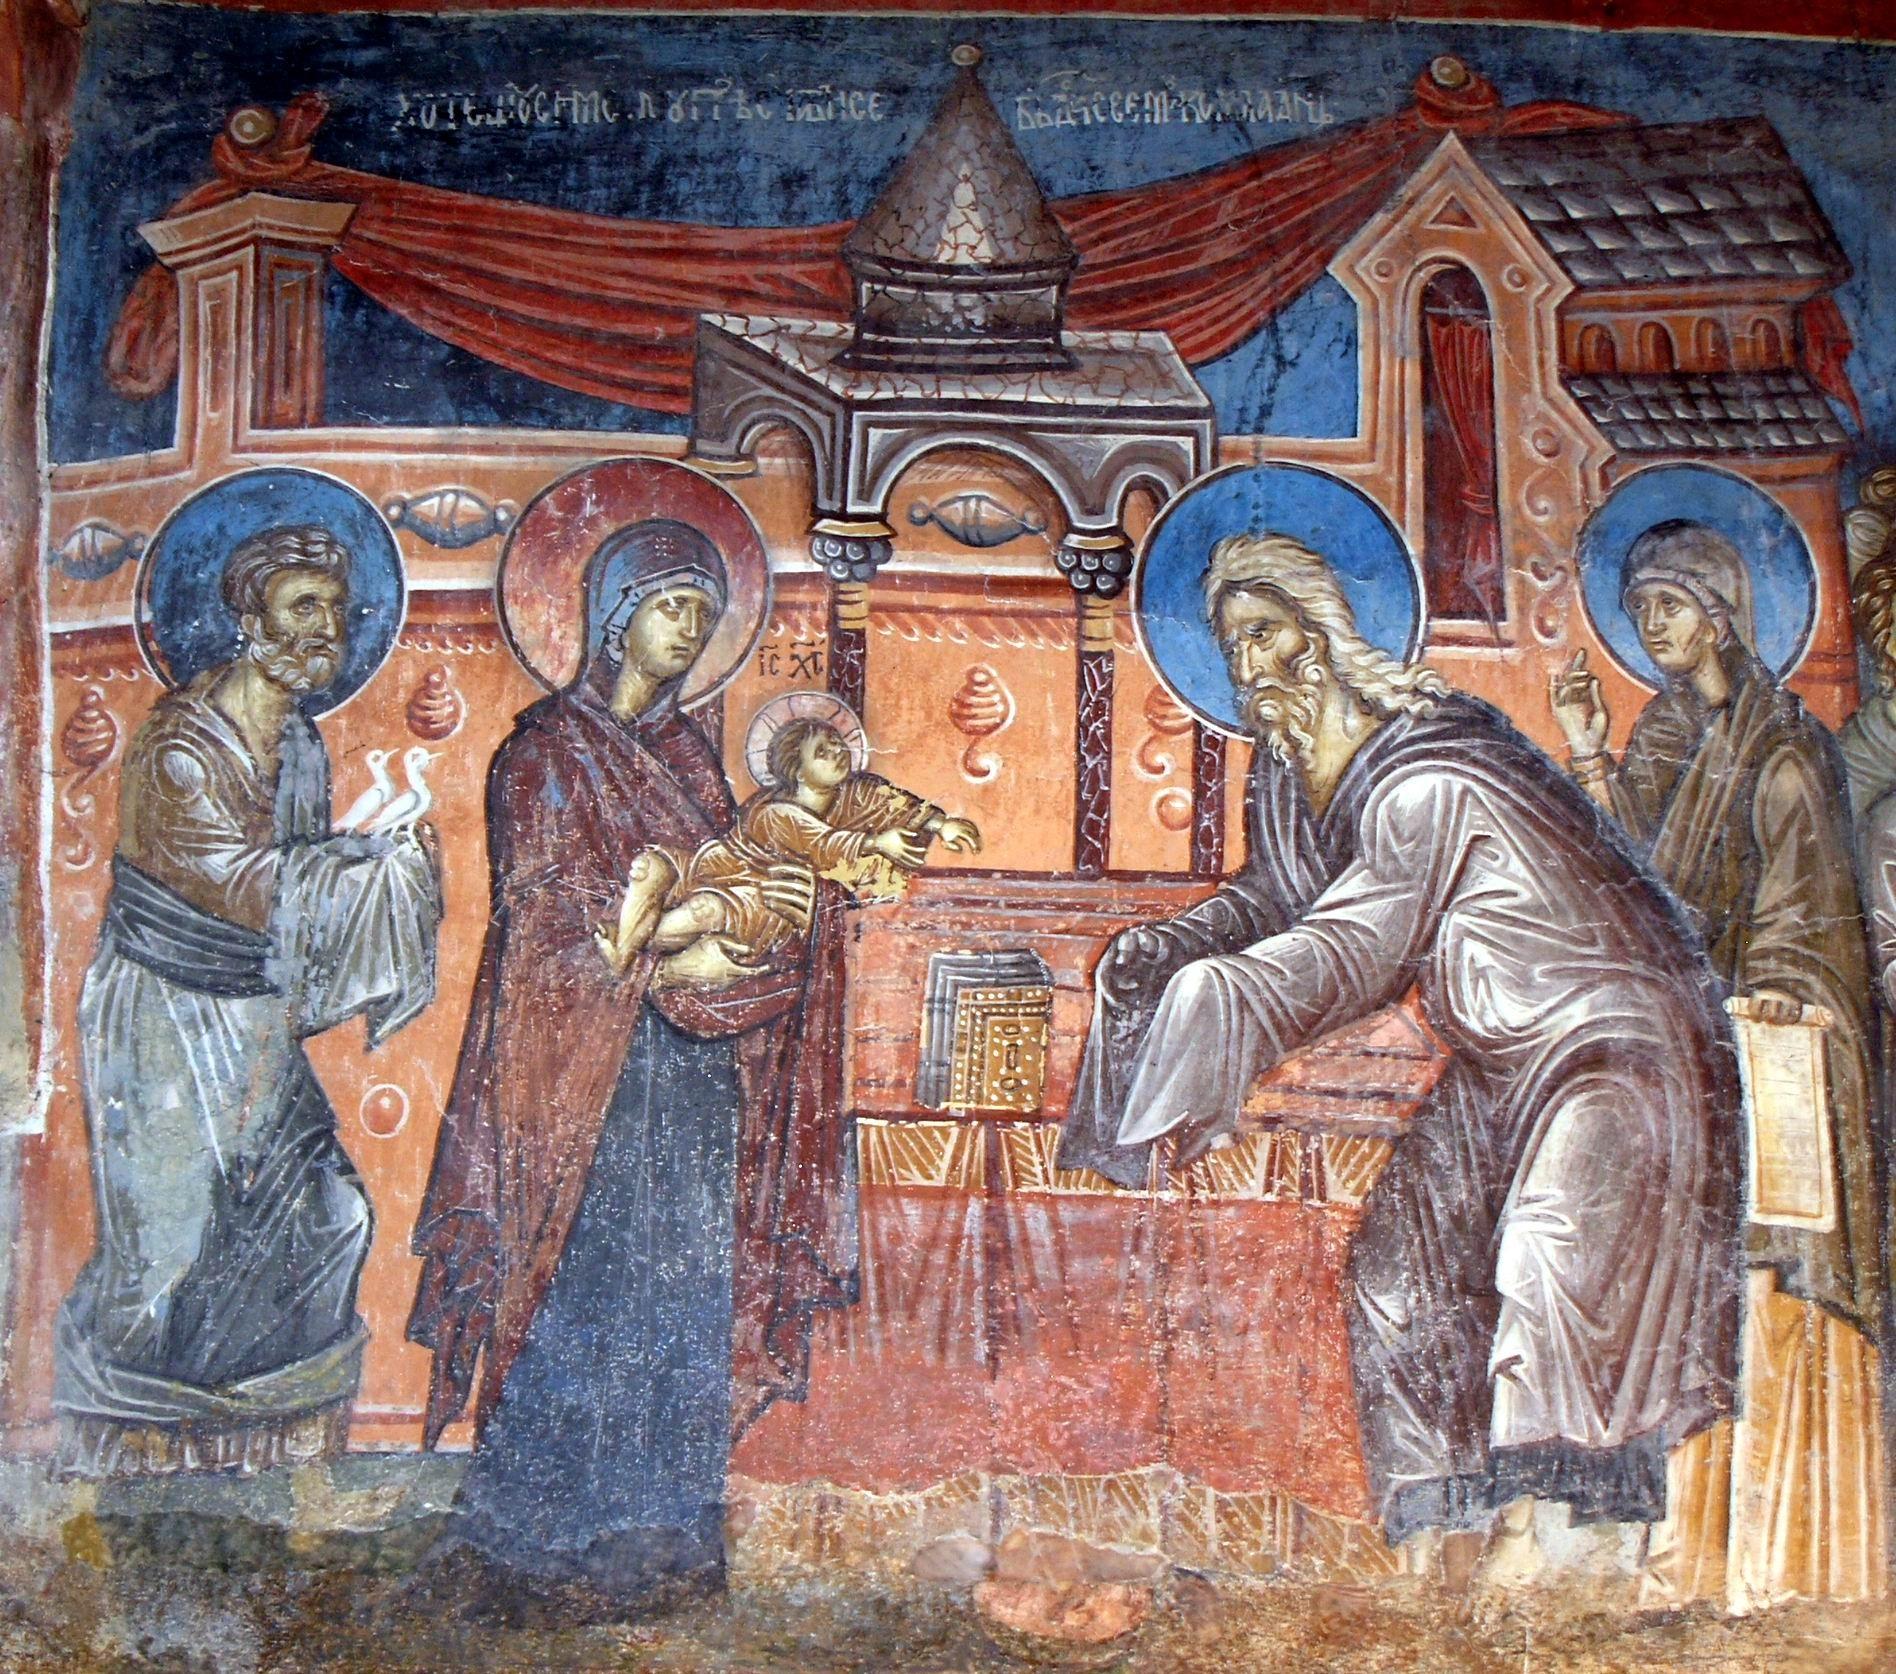 http://www.iconografi.it/public/2011/01/Presentazione-al-Tempio-Affresco-della-Macedonia.jpg